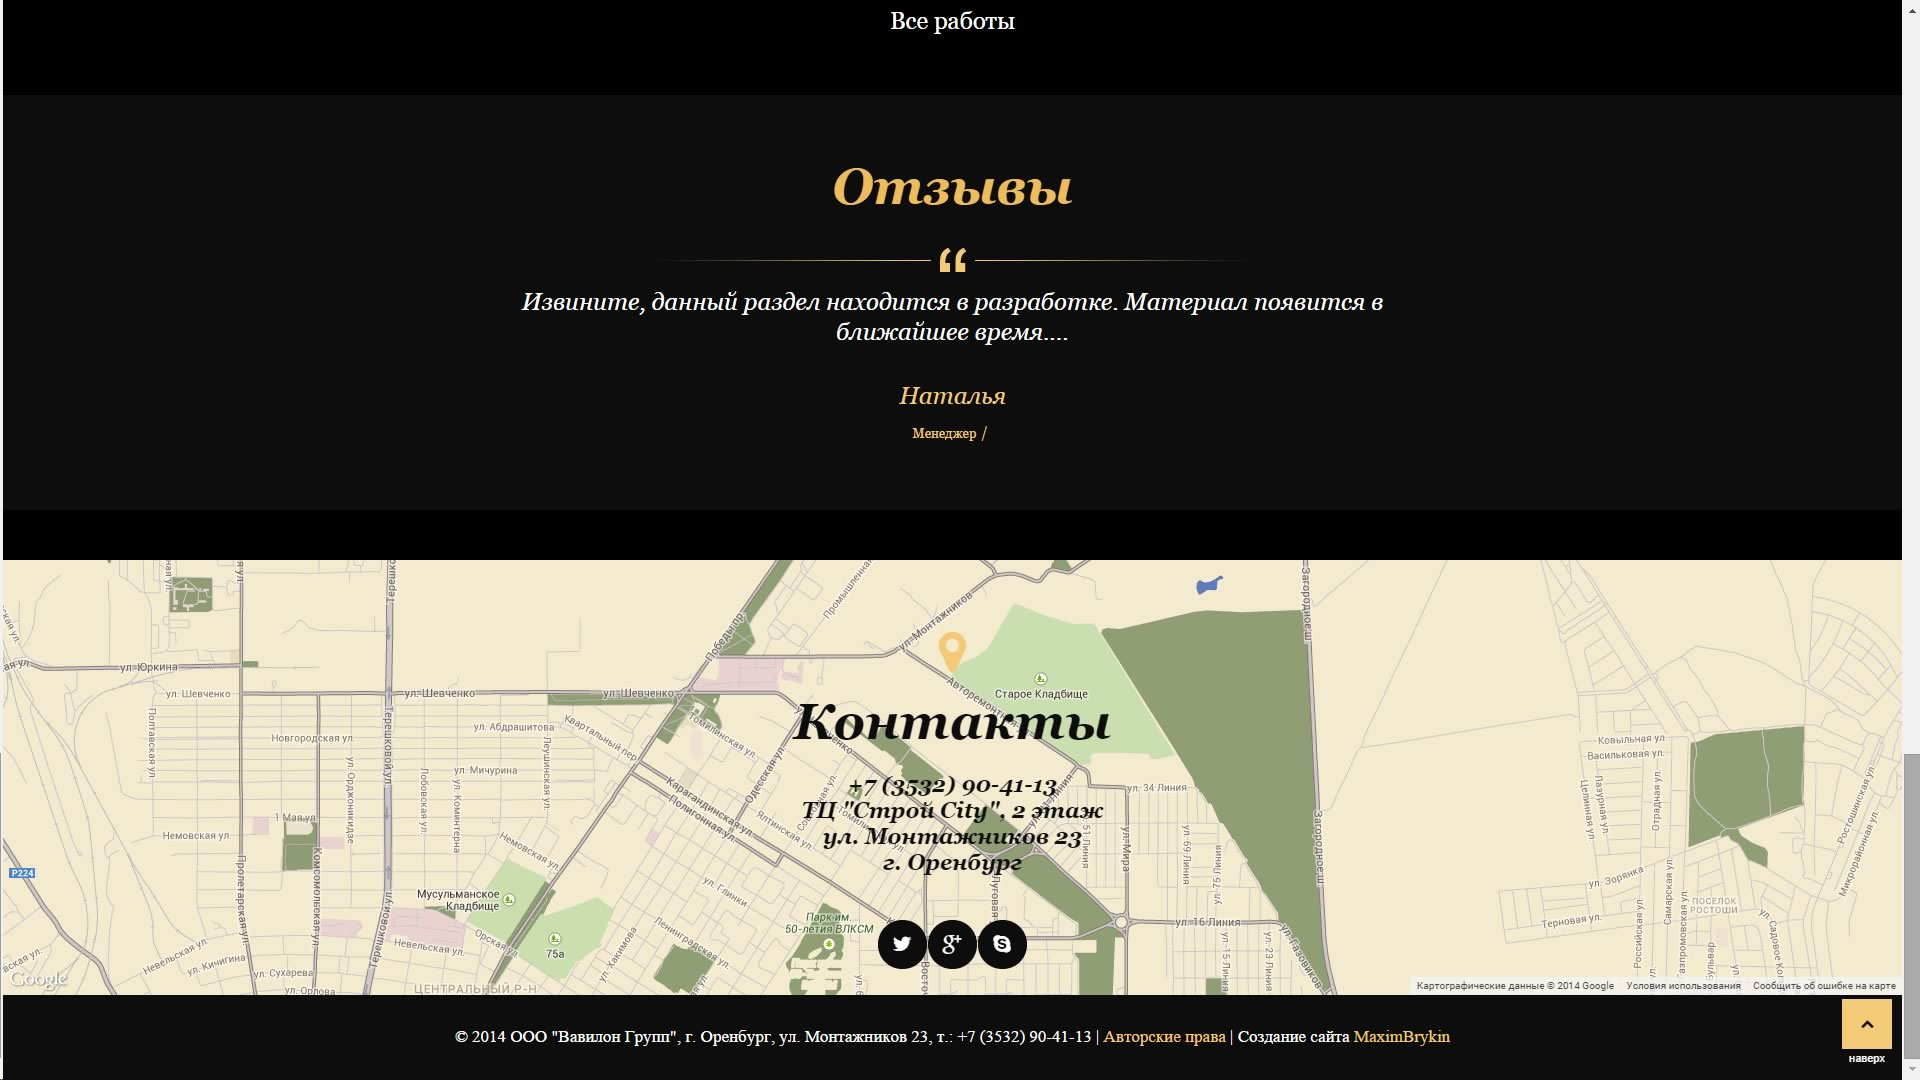 Создание сайта oknavavilon.ru (4)